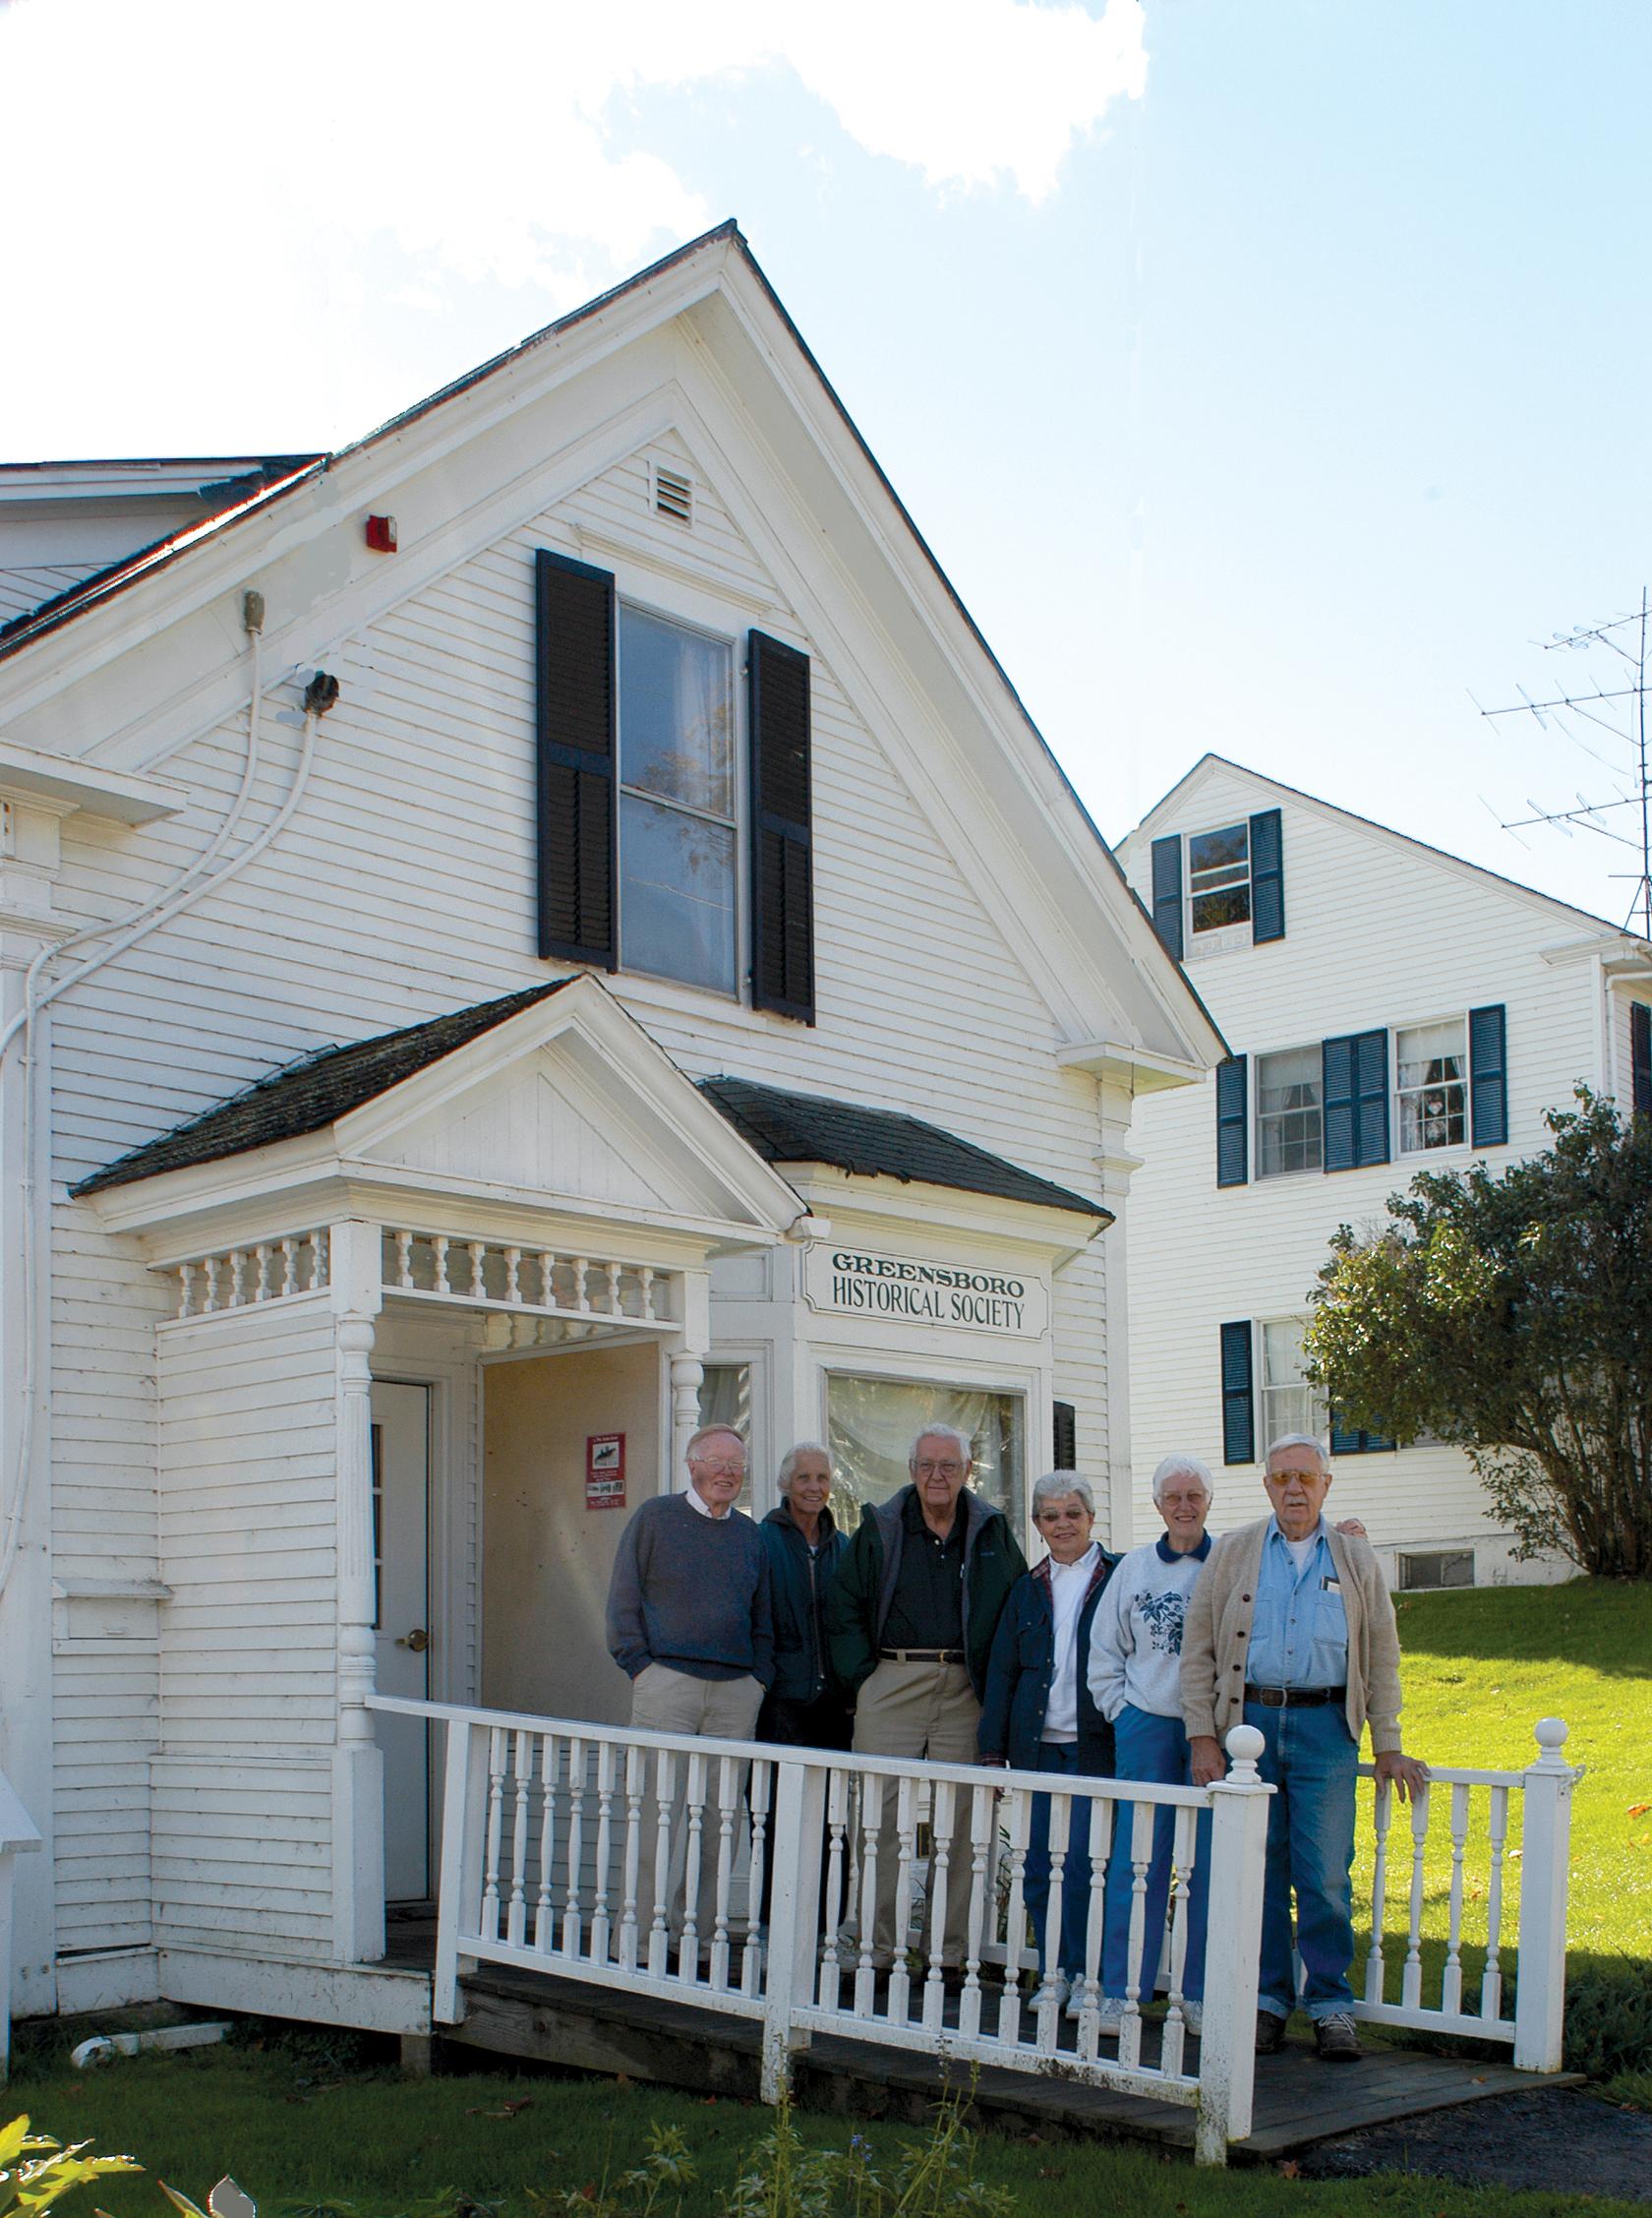 Greensboro Historical Society